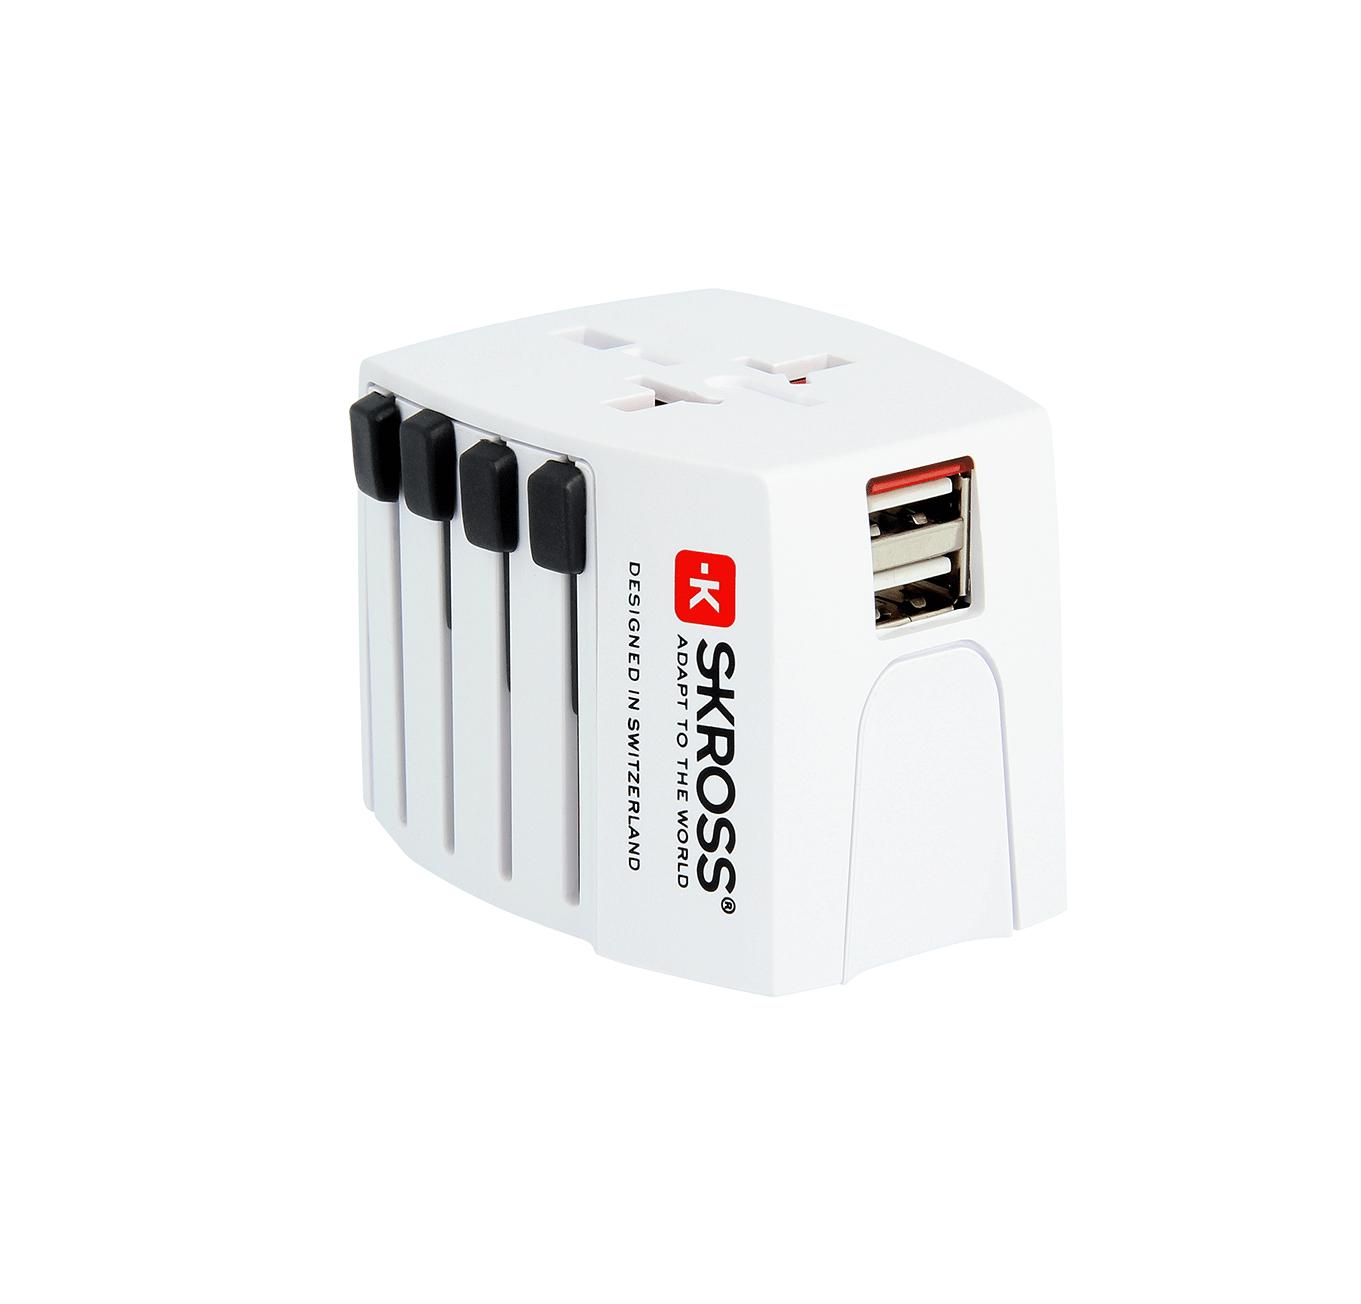 przejsciowka-do-gniazdka-MUV-USB